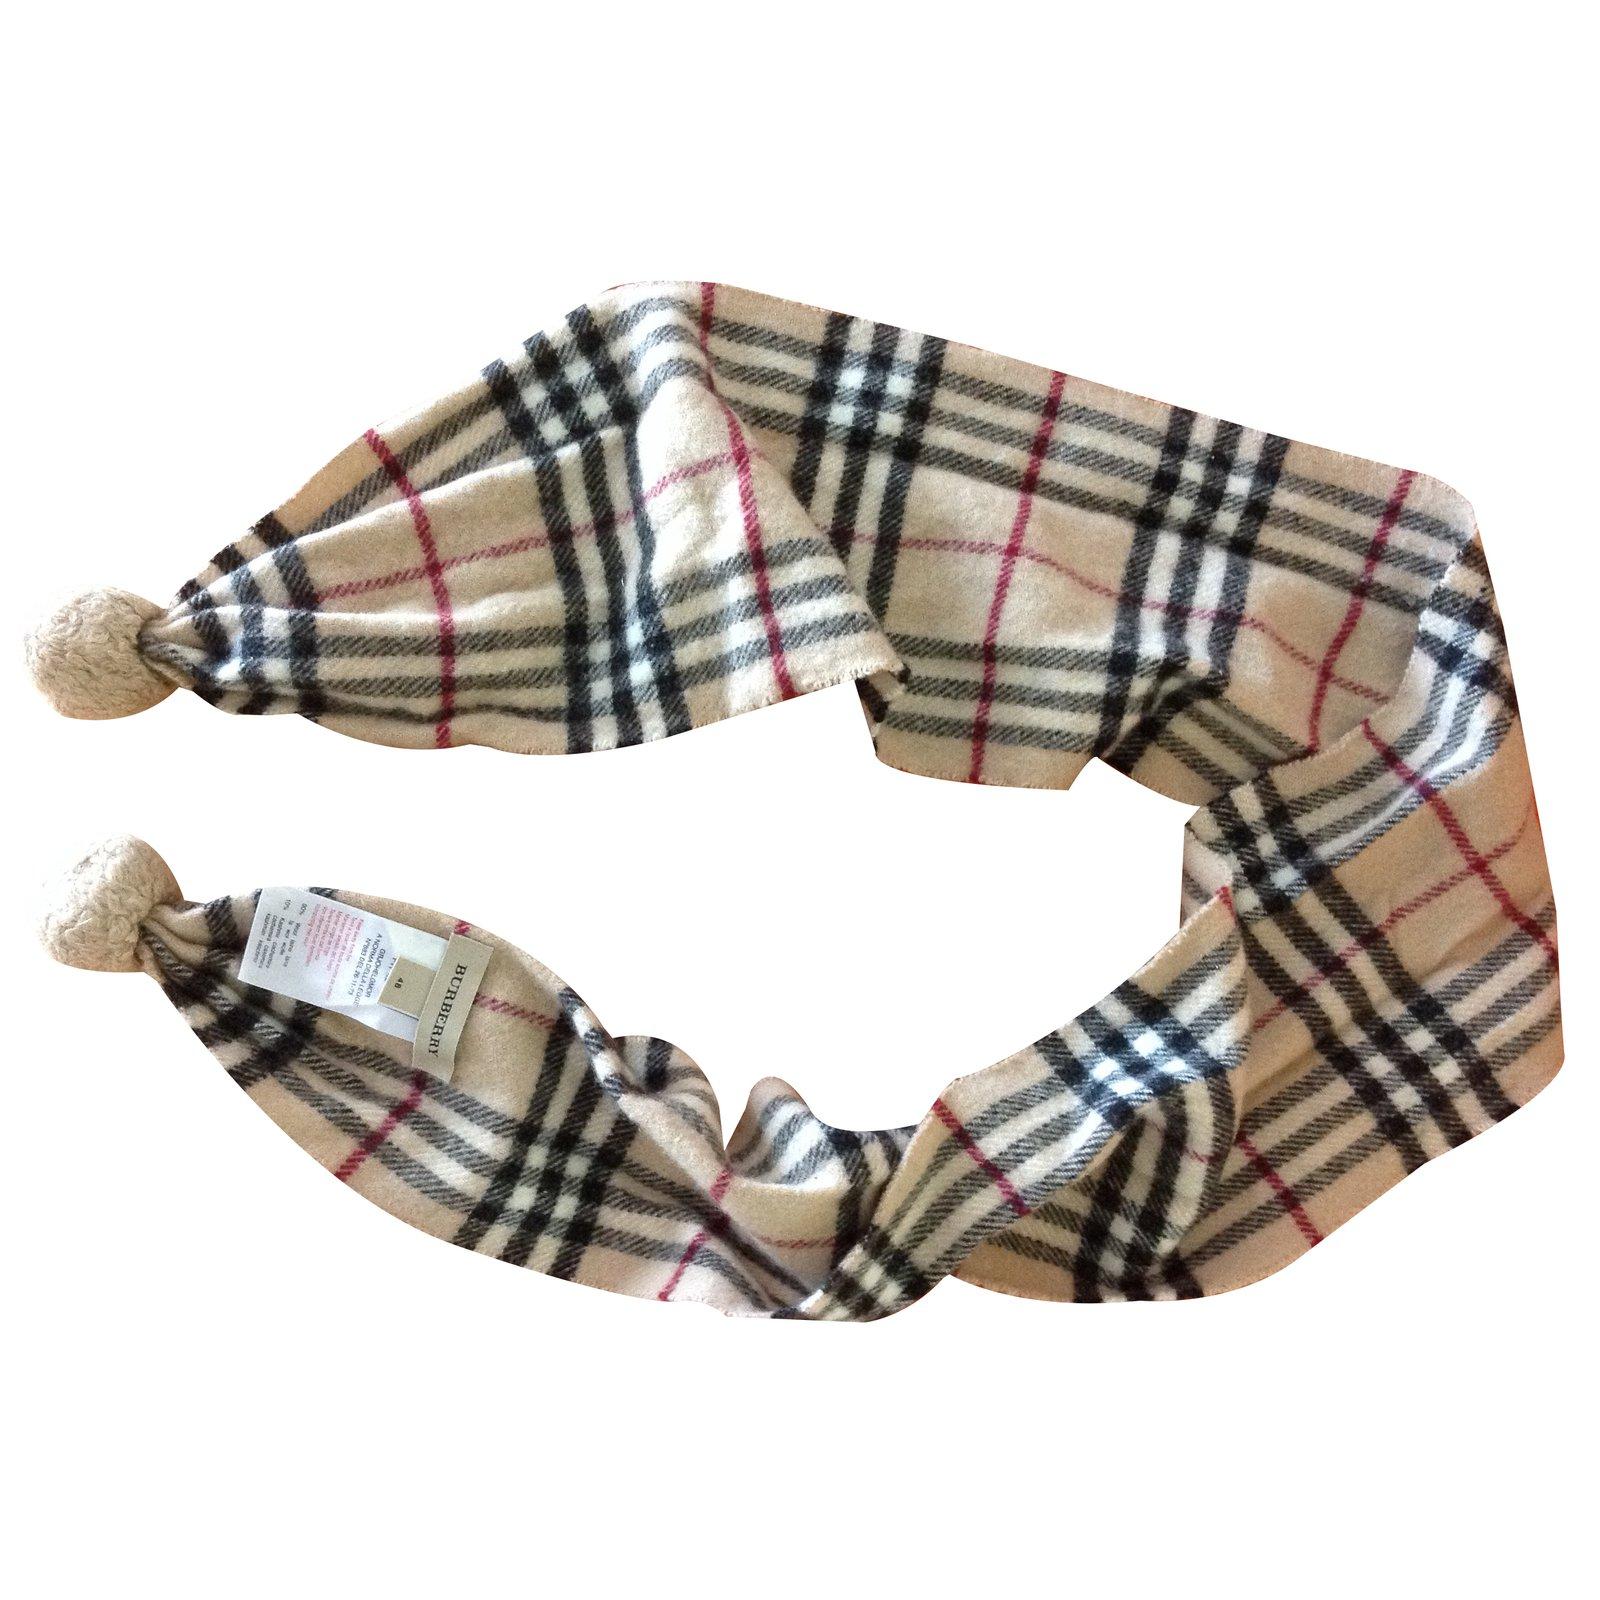 foulards charpes enfants burberry charpe burberry enfant laine autre joli closet. Black Bedroom Furniture Sets. Home Design Ideas